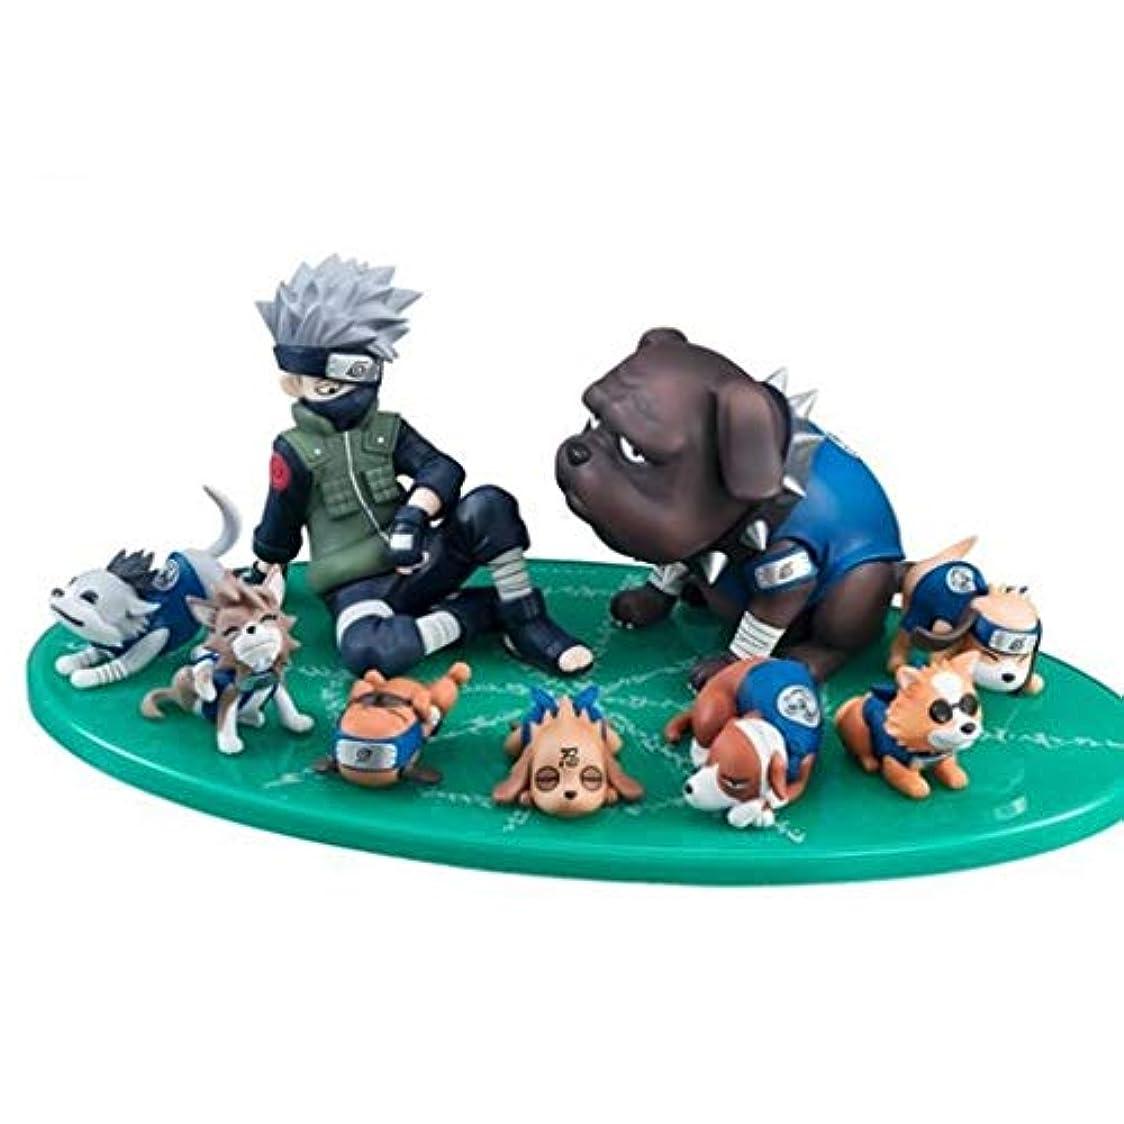 光エキサイティング加速度カカシと子犬、フィギュア玩具コレクション像漫画のキャラクター、アニメナルトモデル、アニメ装飾キャラクター彫刻(9cm) SHWSM